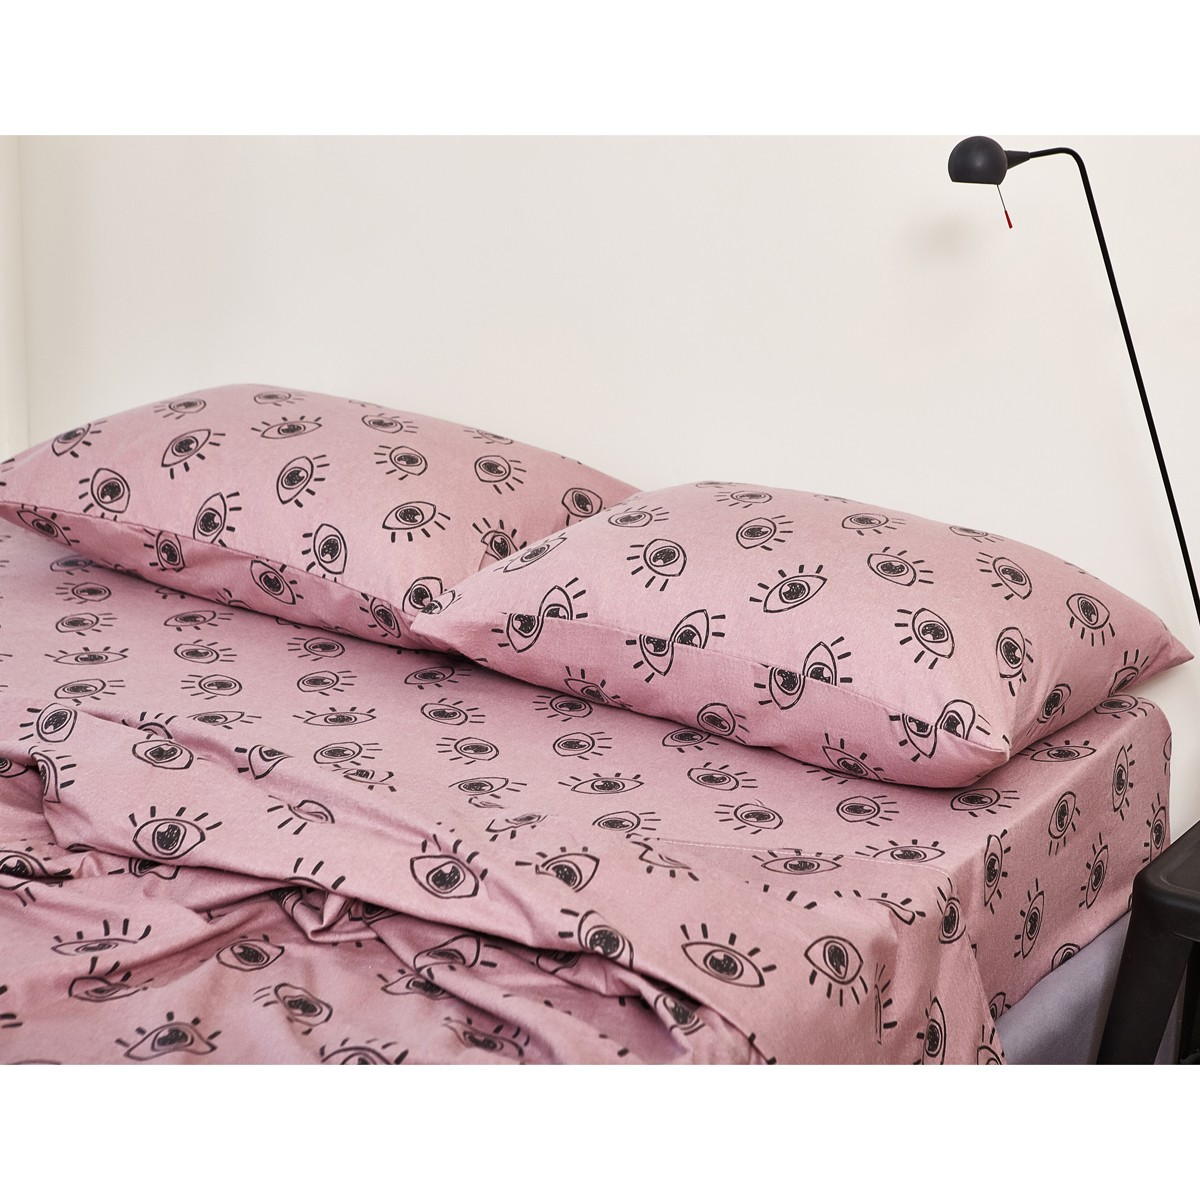 Φανελένια Σεντόνια Διπλά (Σετ) Melinen Dali Ash Rose home   κρεβατοκάμαρα   σεντόνια   σεντόνια ημίδιπλα   διπλά